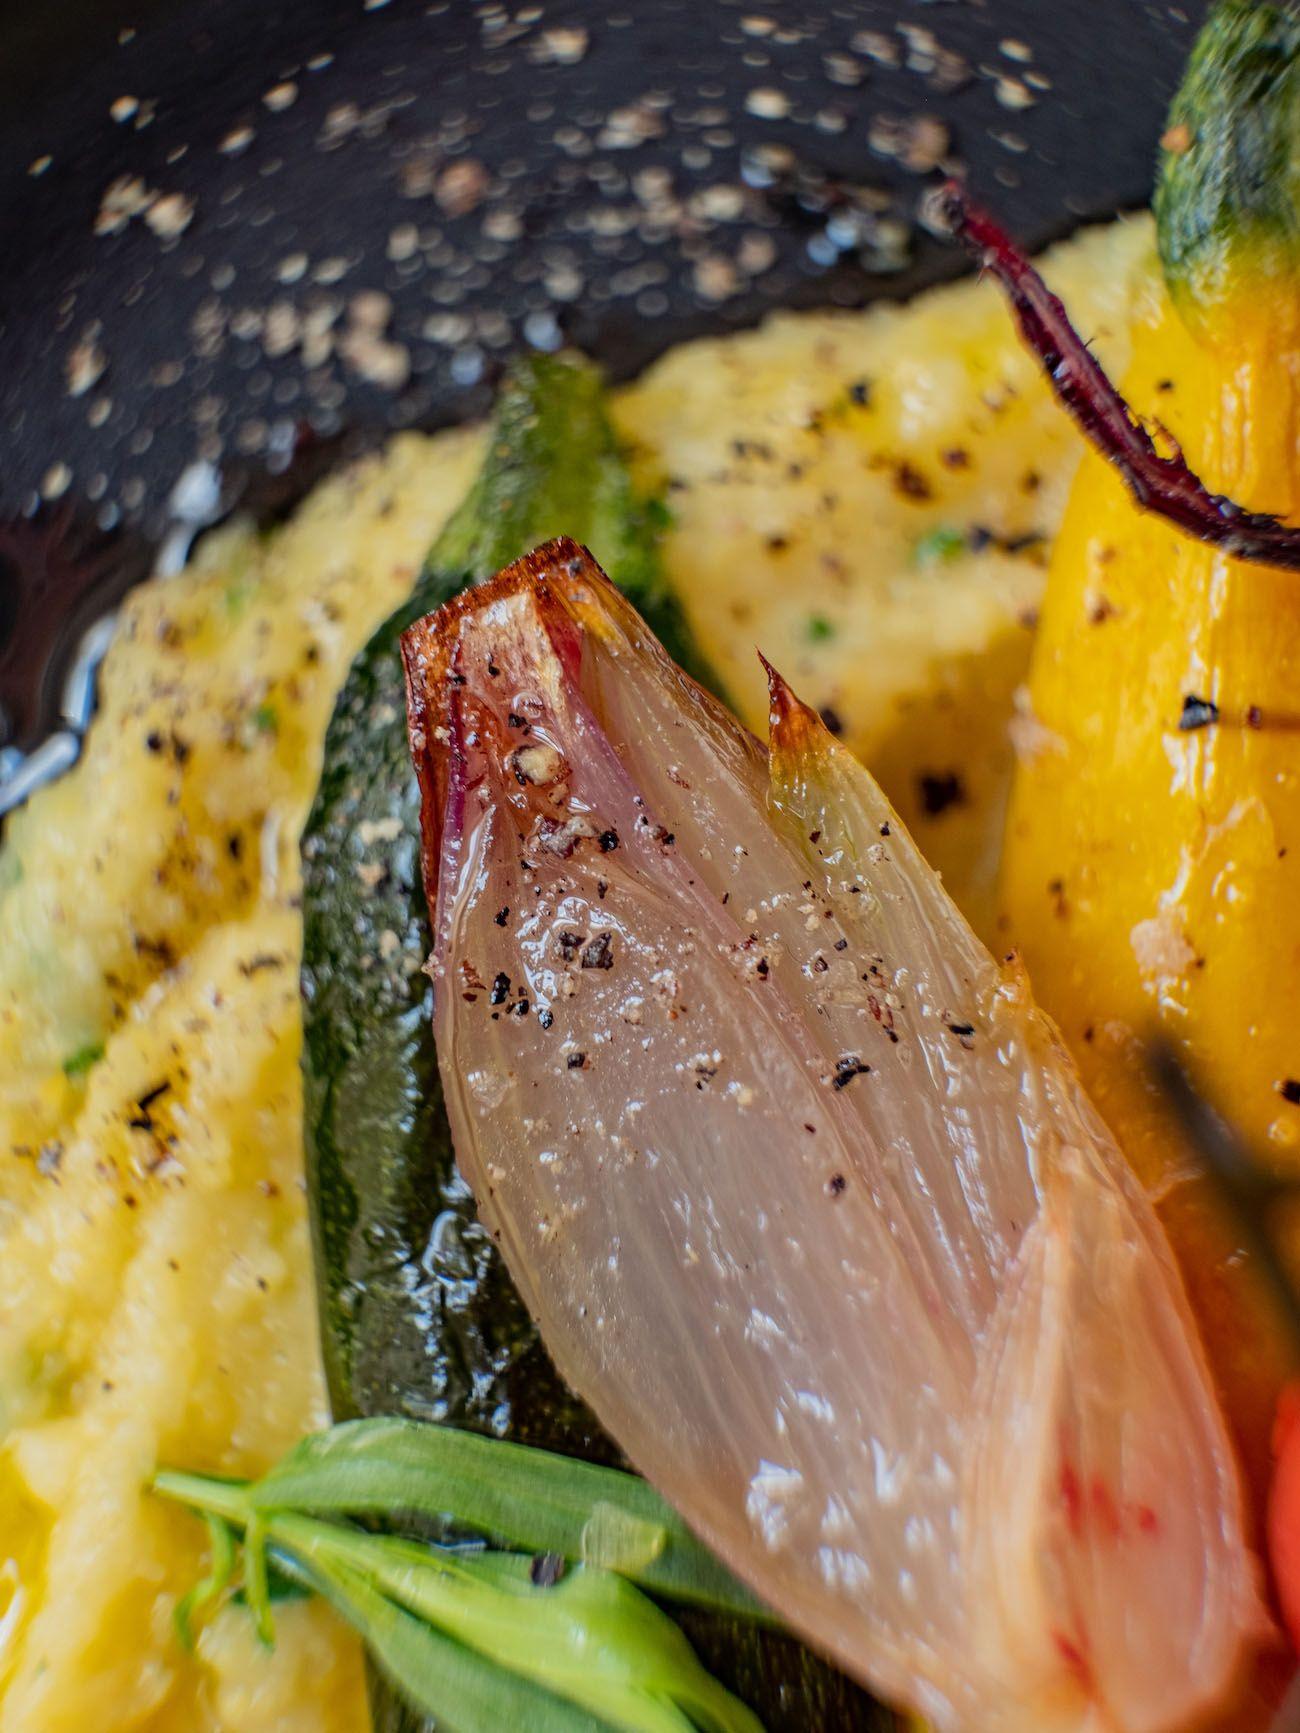 Rezept, Foodblo, About Fuel, Cremige Polenta mit Sommergemüse, Estragon, Pfeffer, Schalotten